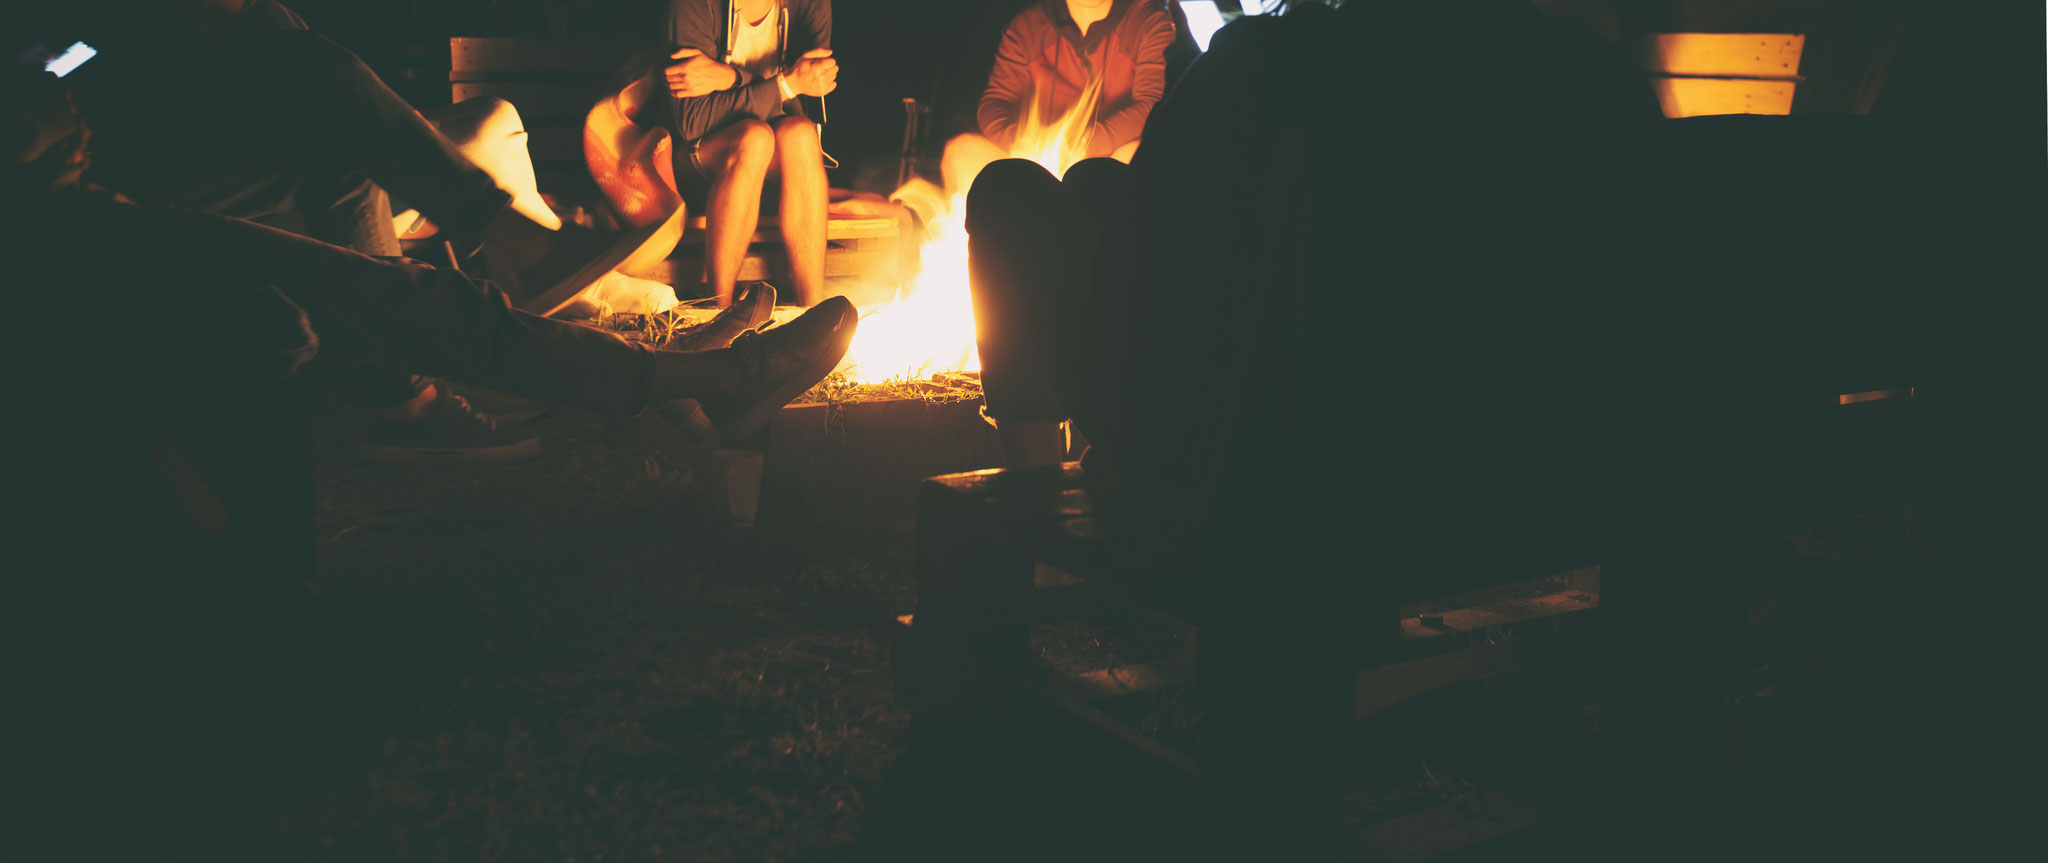 Vielleicht auch am Feuer sitzen ...